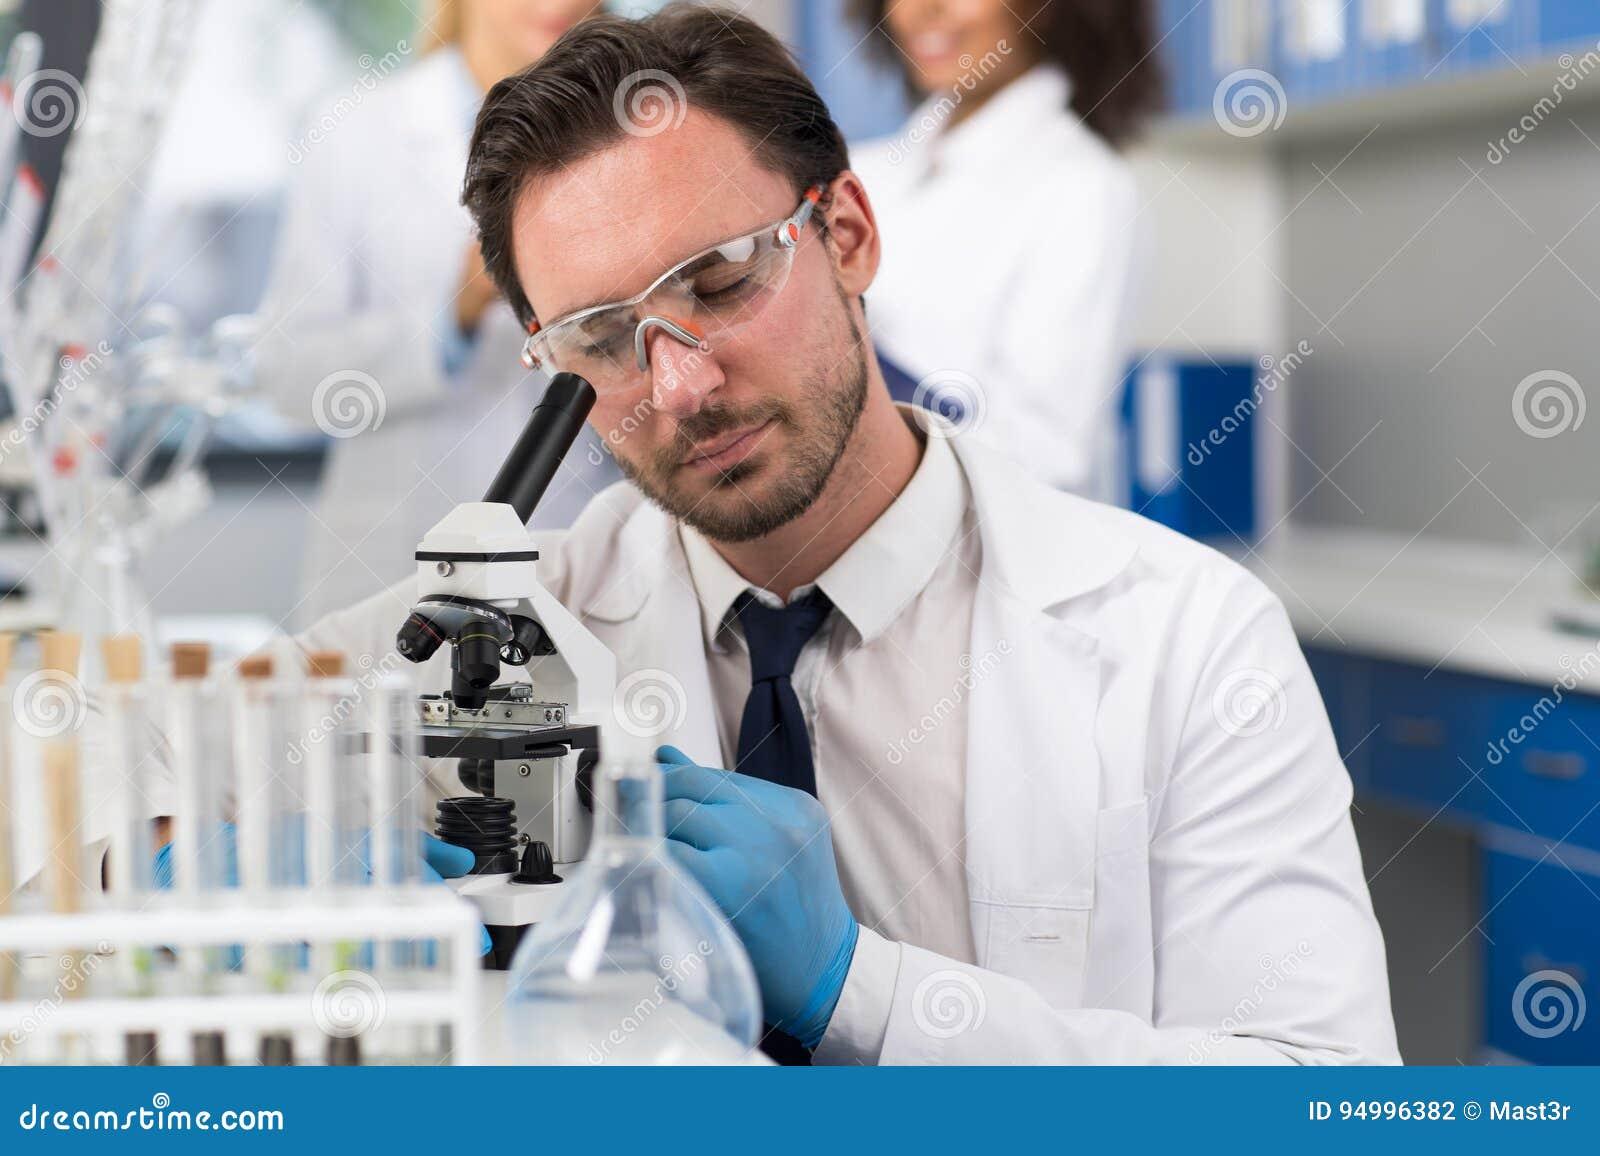 Scientifique Looking Through Microscope dans le laboratoire, chercheur masculin Doing Research Experiments